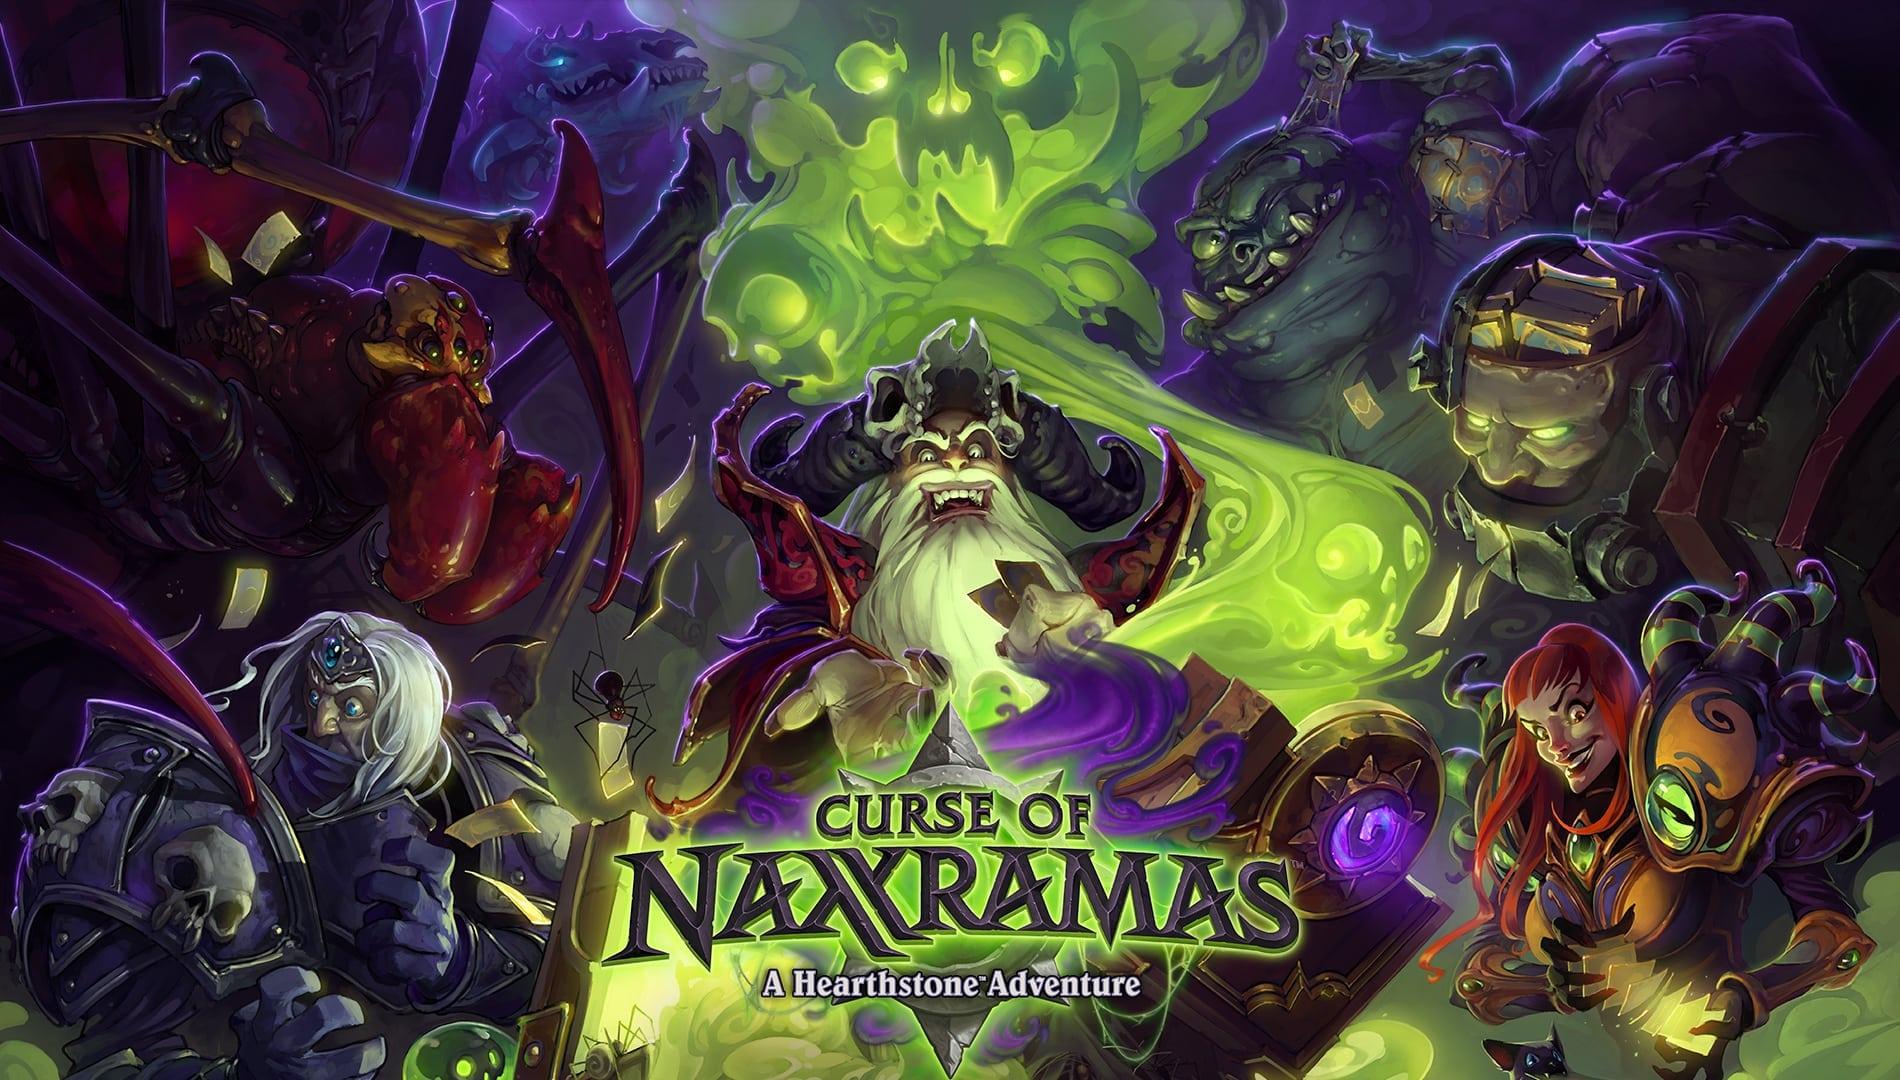 Hearthstone Curse of Naxxramas poster